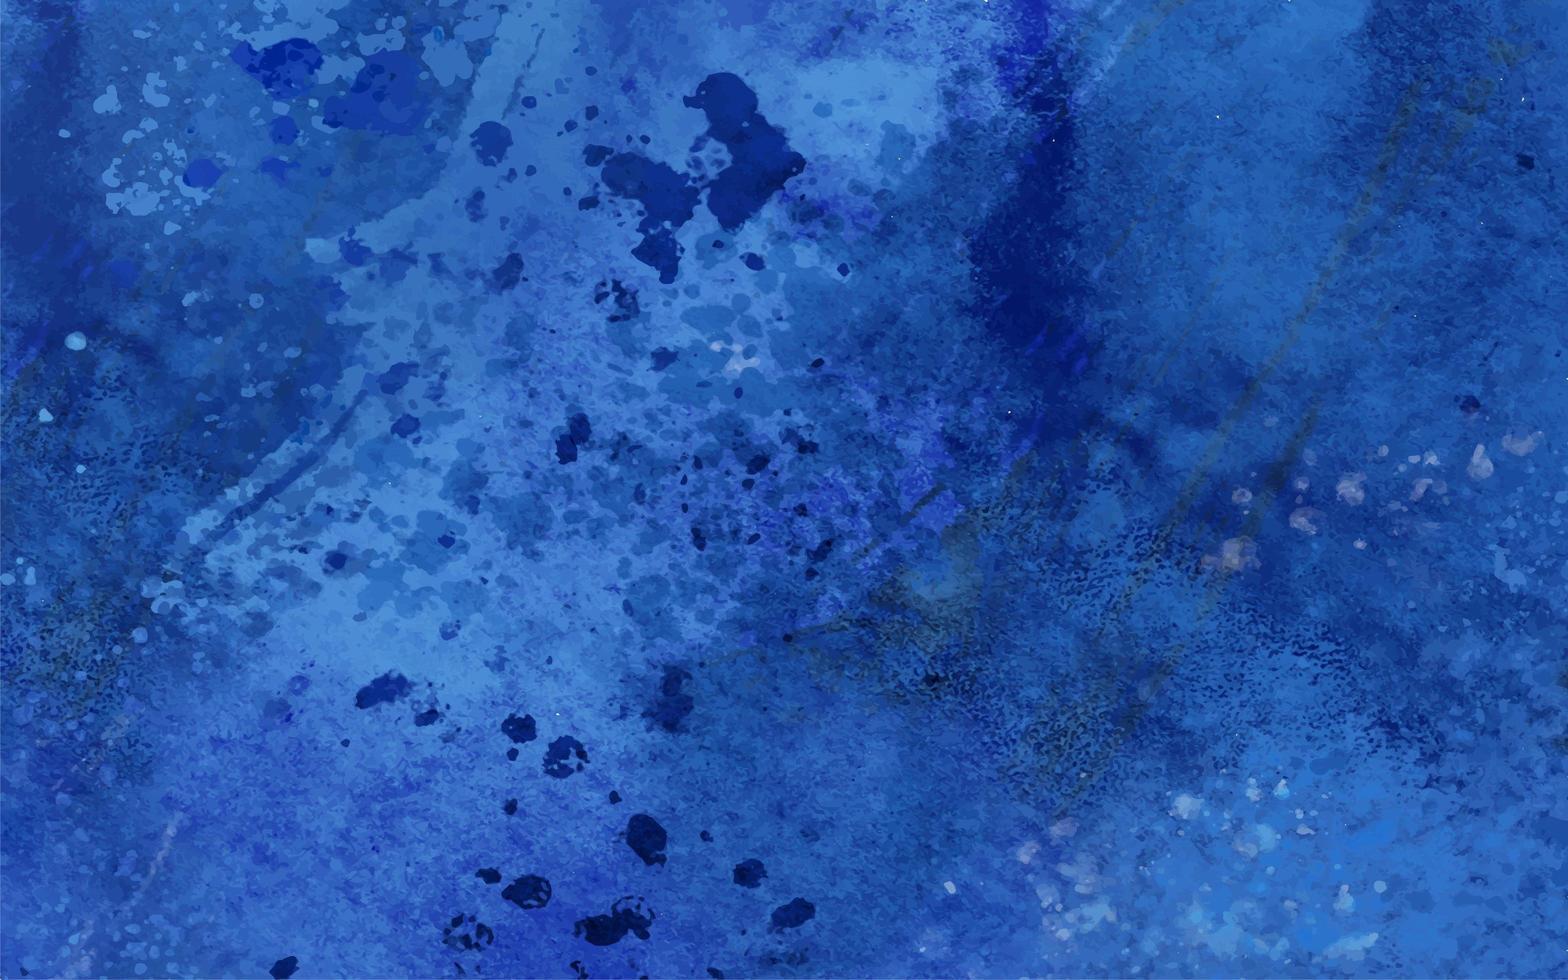 blå akvarell fläckar och droppar vektor